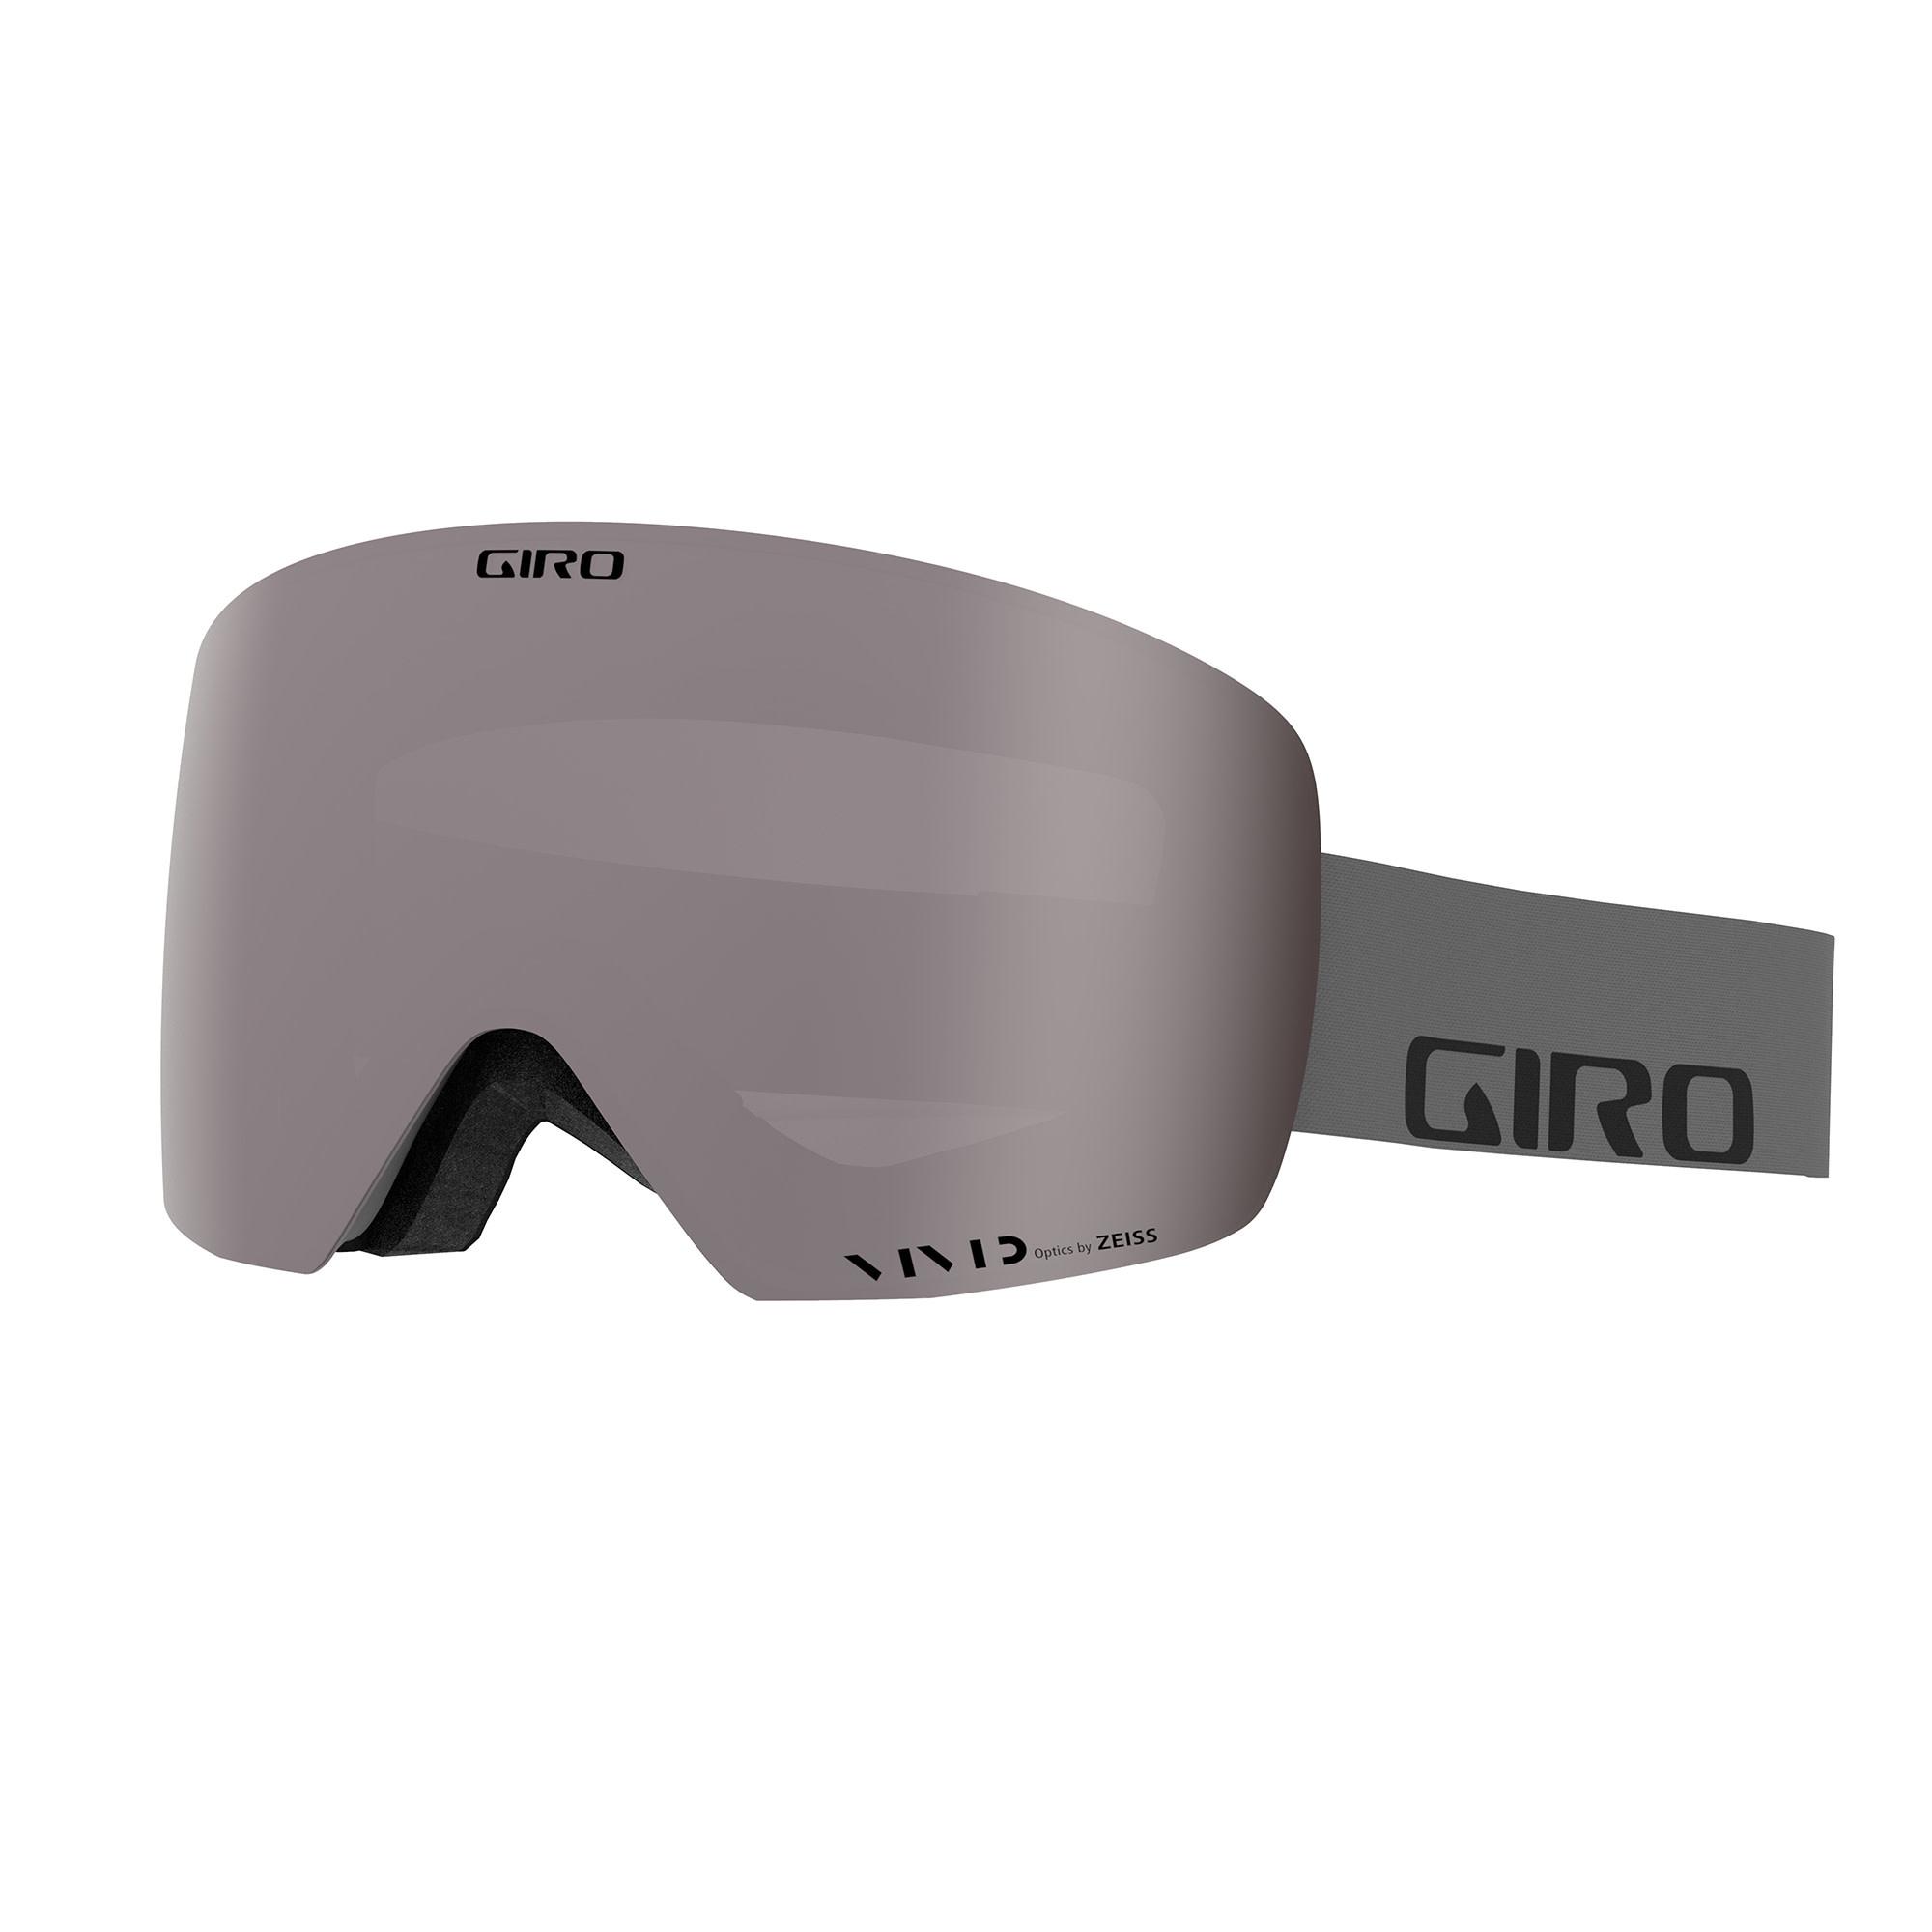 Giro Contour-4